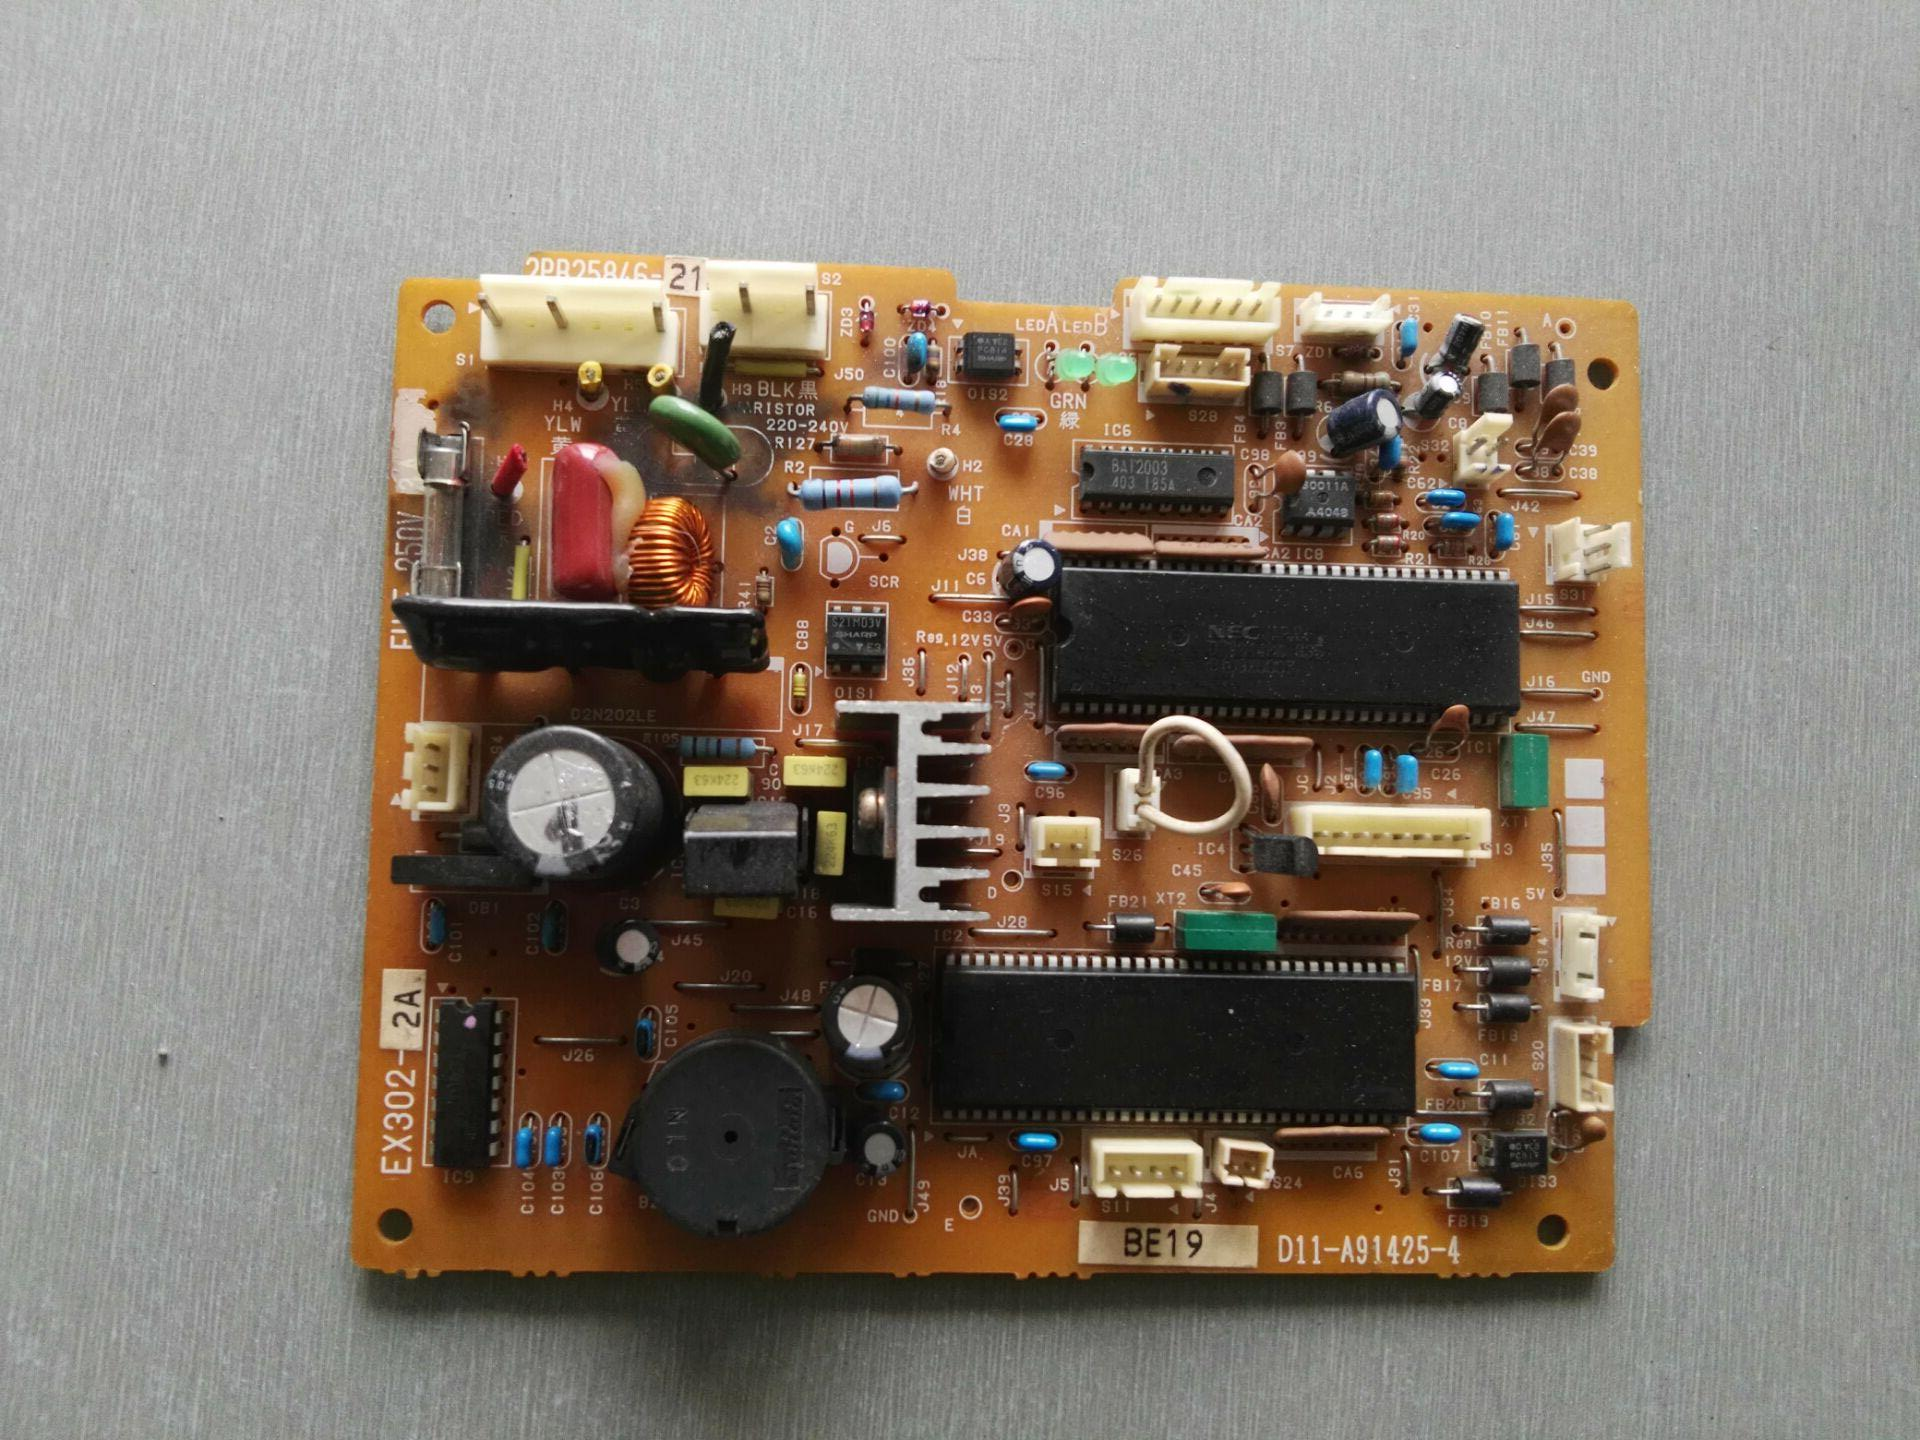 Daikin klimaanlagen die computer An Bord 2PB25846-21EX302-2Ad11-a91425-4 Vorstand Teile